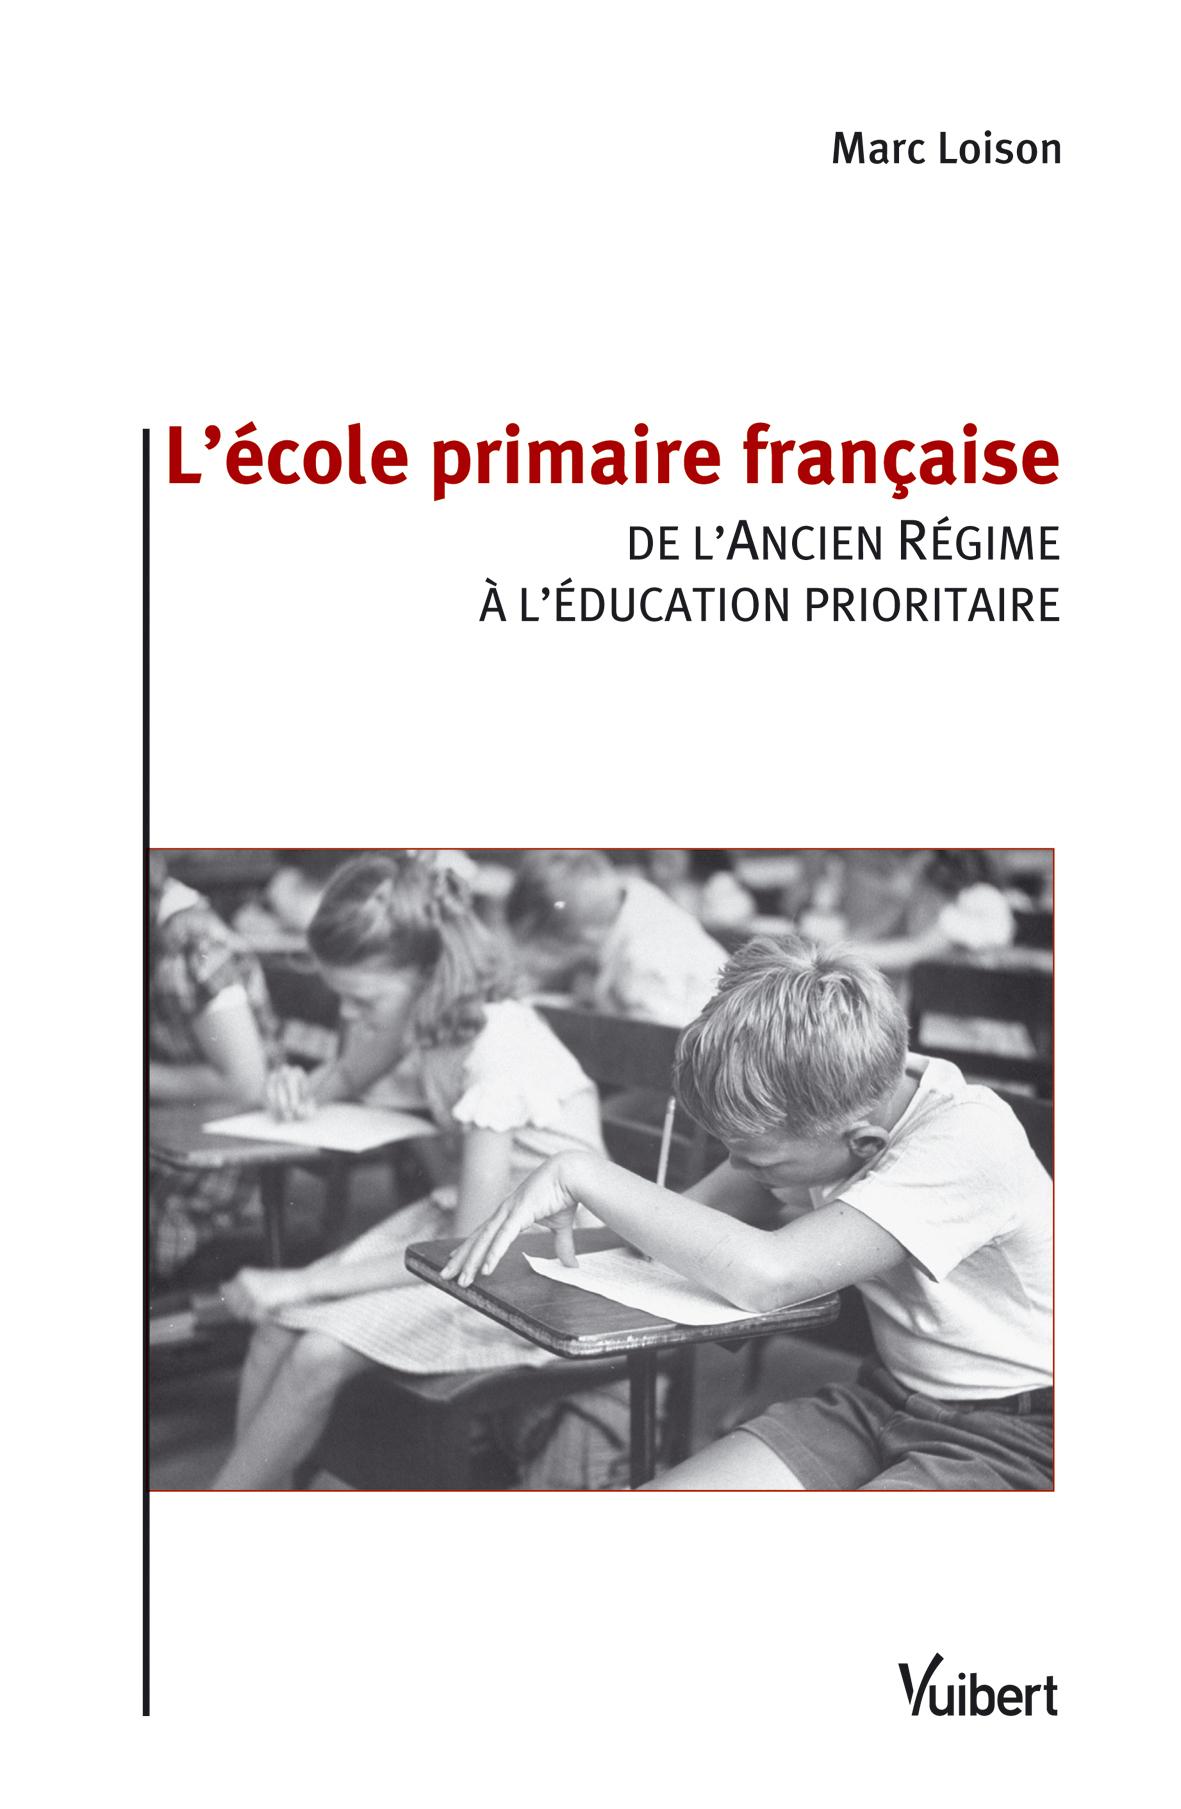 ECOLE PRIMAIRE FRANCAISE (L') DE L'ANCIEN REGIME A L'EDUCATION PRIORITAIRE